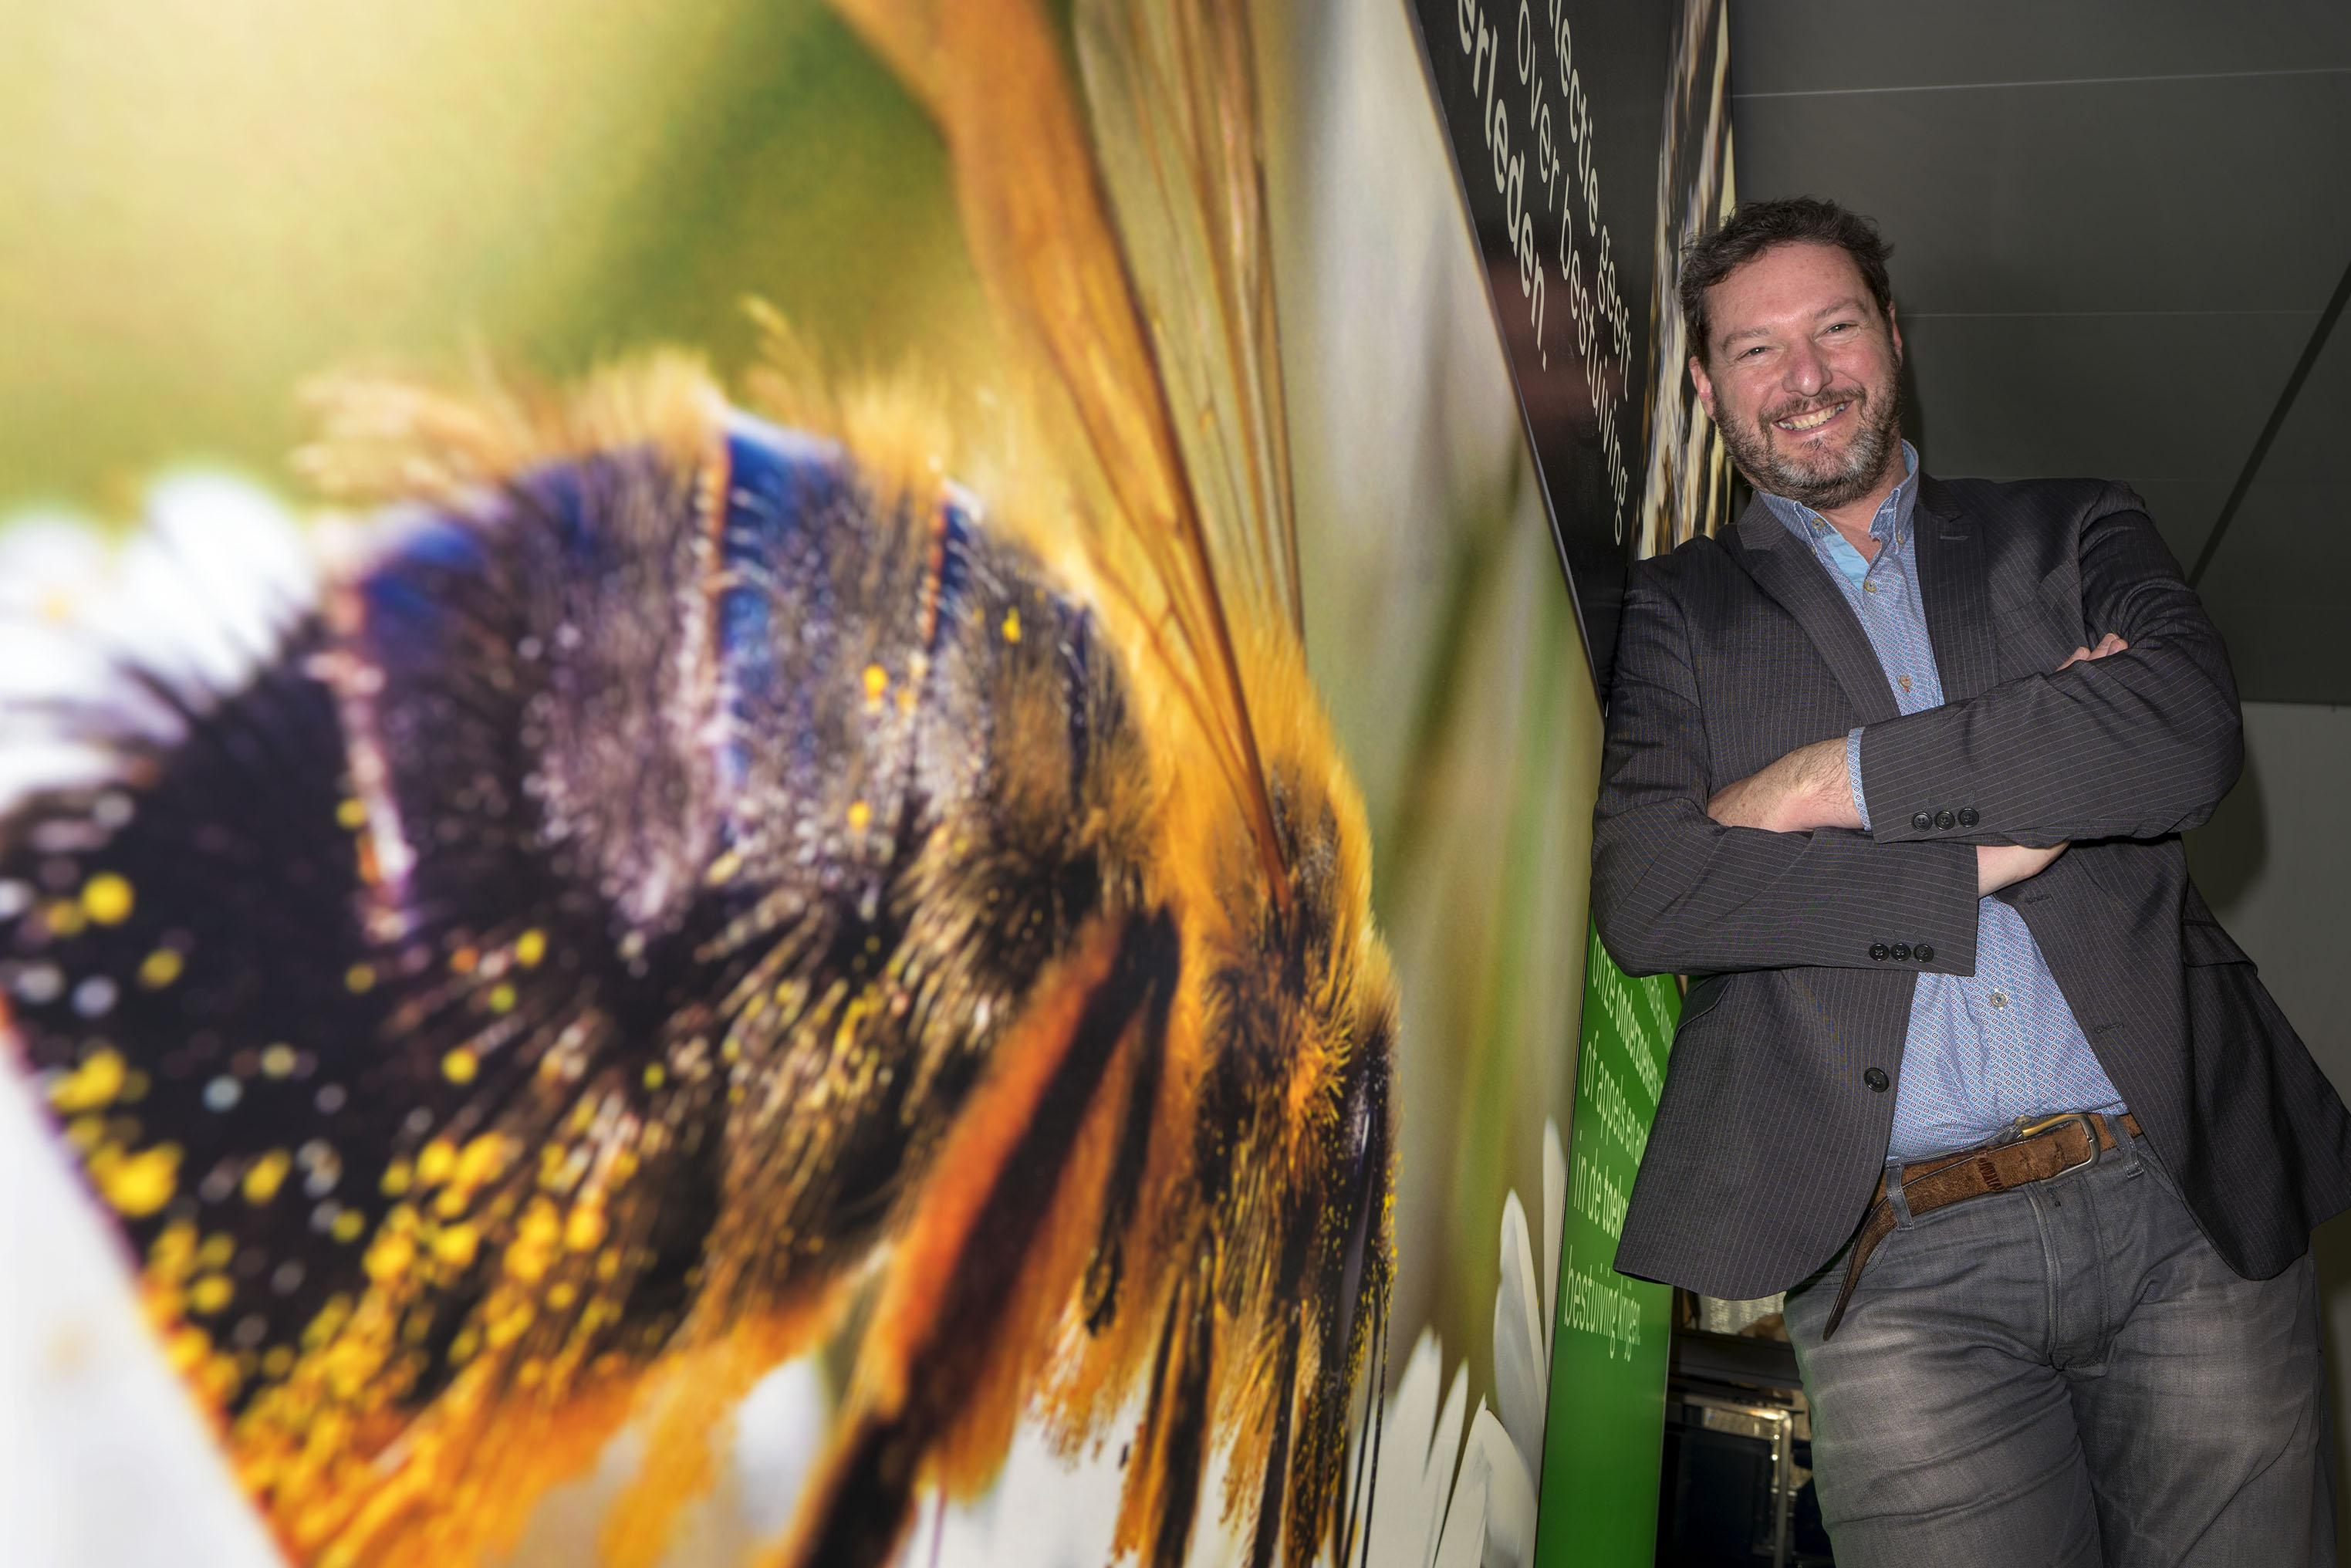 Naturalis in Leiden leidt groot onderzoek voor 'duidelijk overzicht' van alle soorten